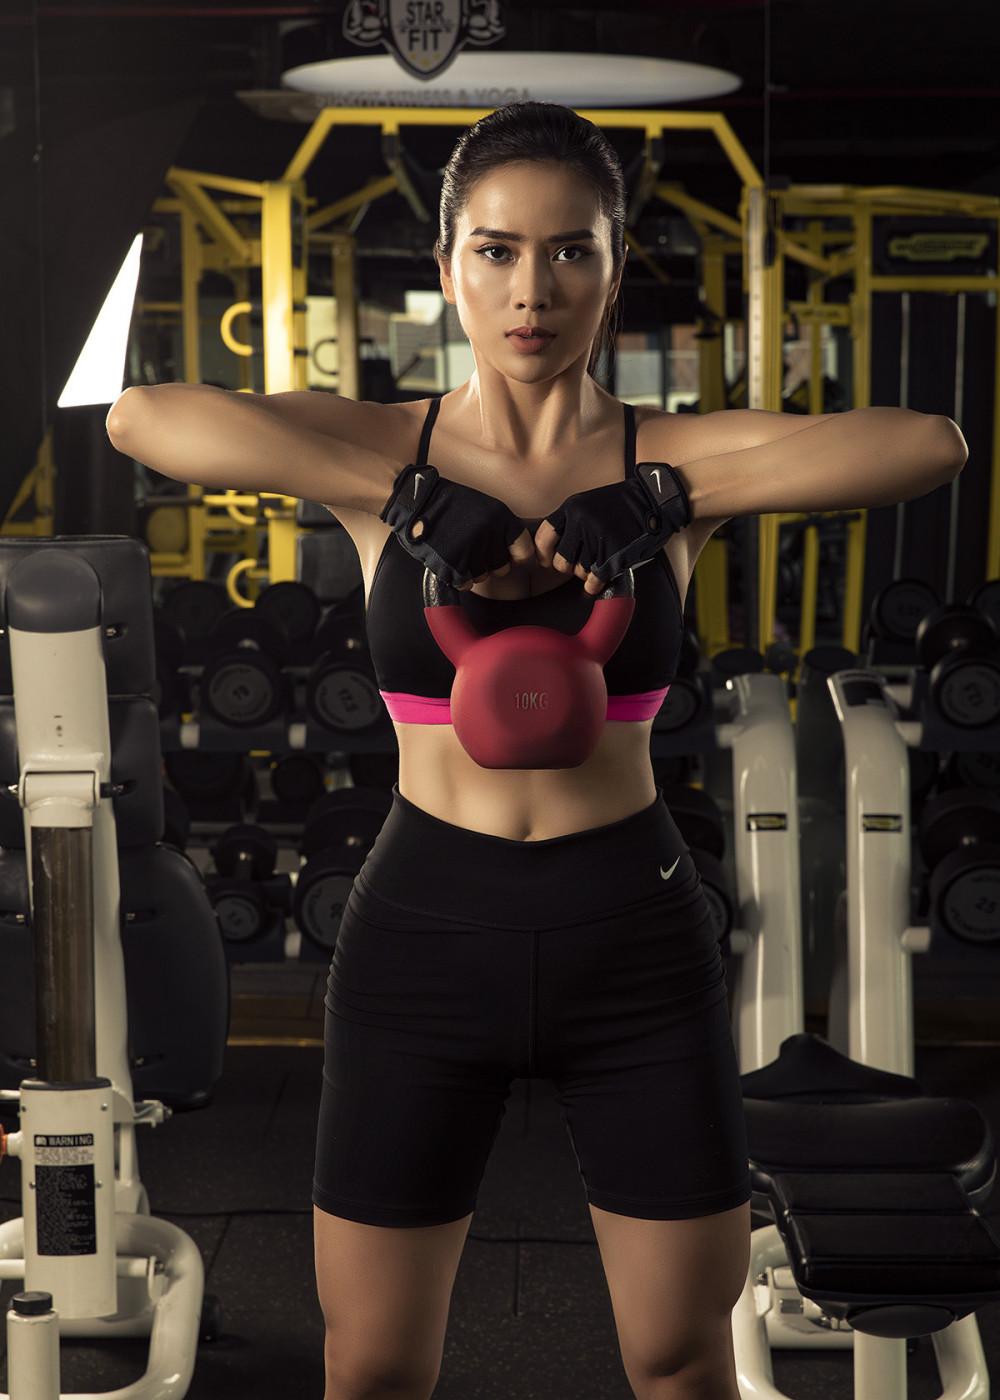 Để xứng đáng với những tình cảm mà khán giả dành tặng và thực hiện mực tiêu trở thành một đả nữ trên màn ảnh, Bella Mai cho biết phải trải qua quá trình tập luyện gian khổ để vừa có được sắc vóc chuẩn và không ngừng cải thiện thể lục.